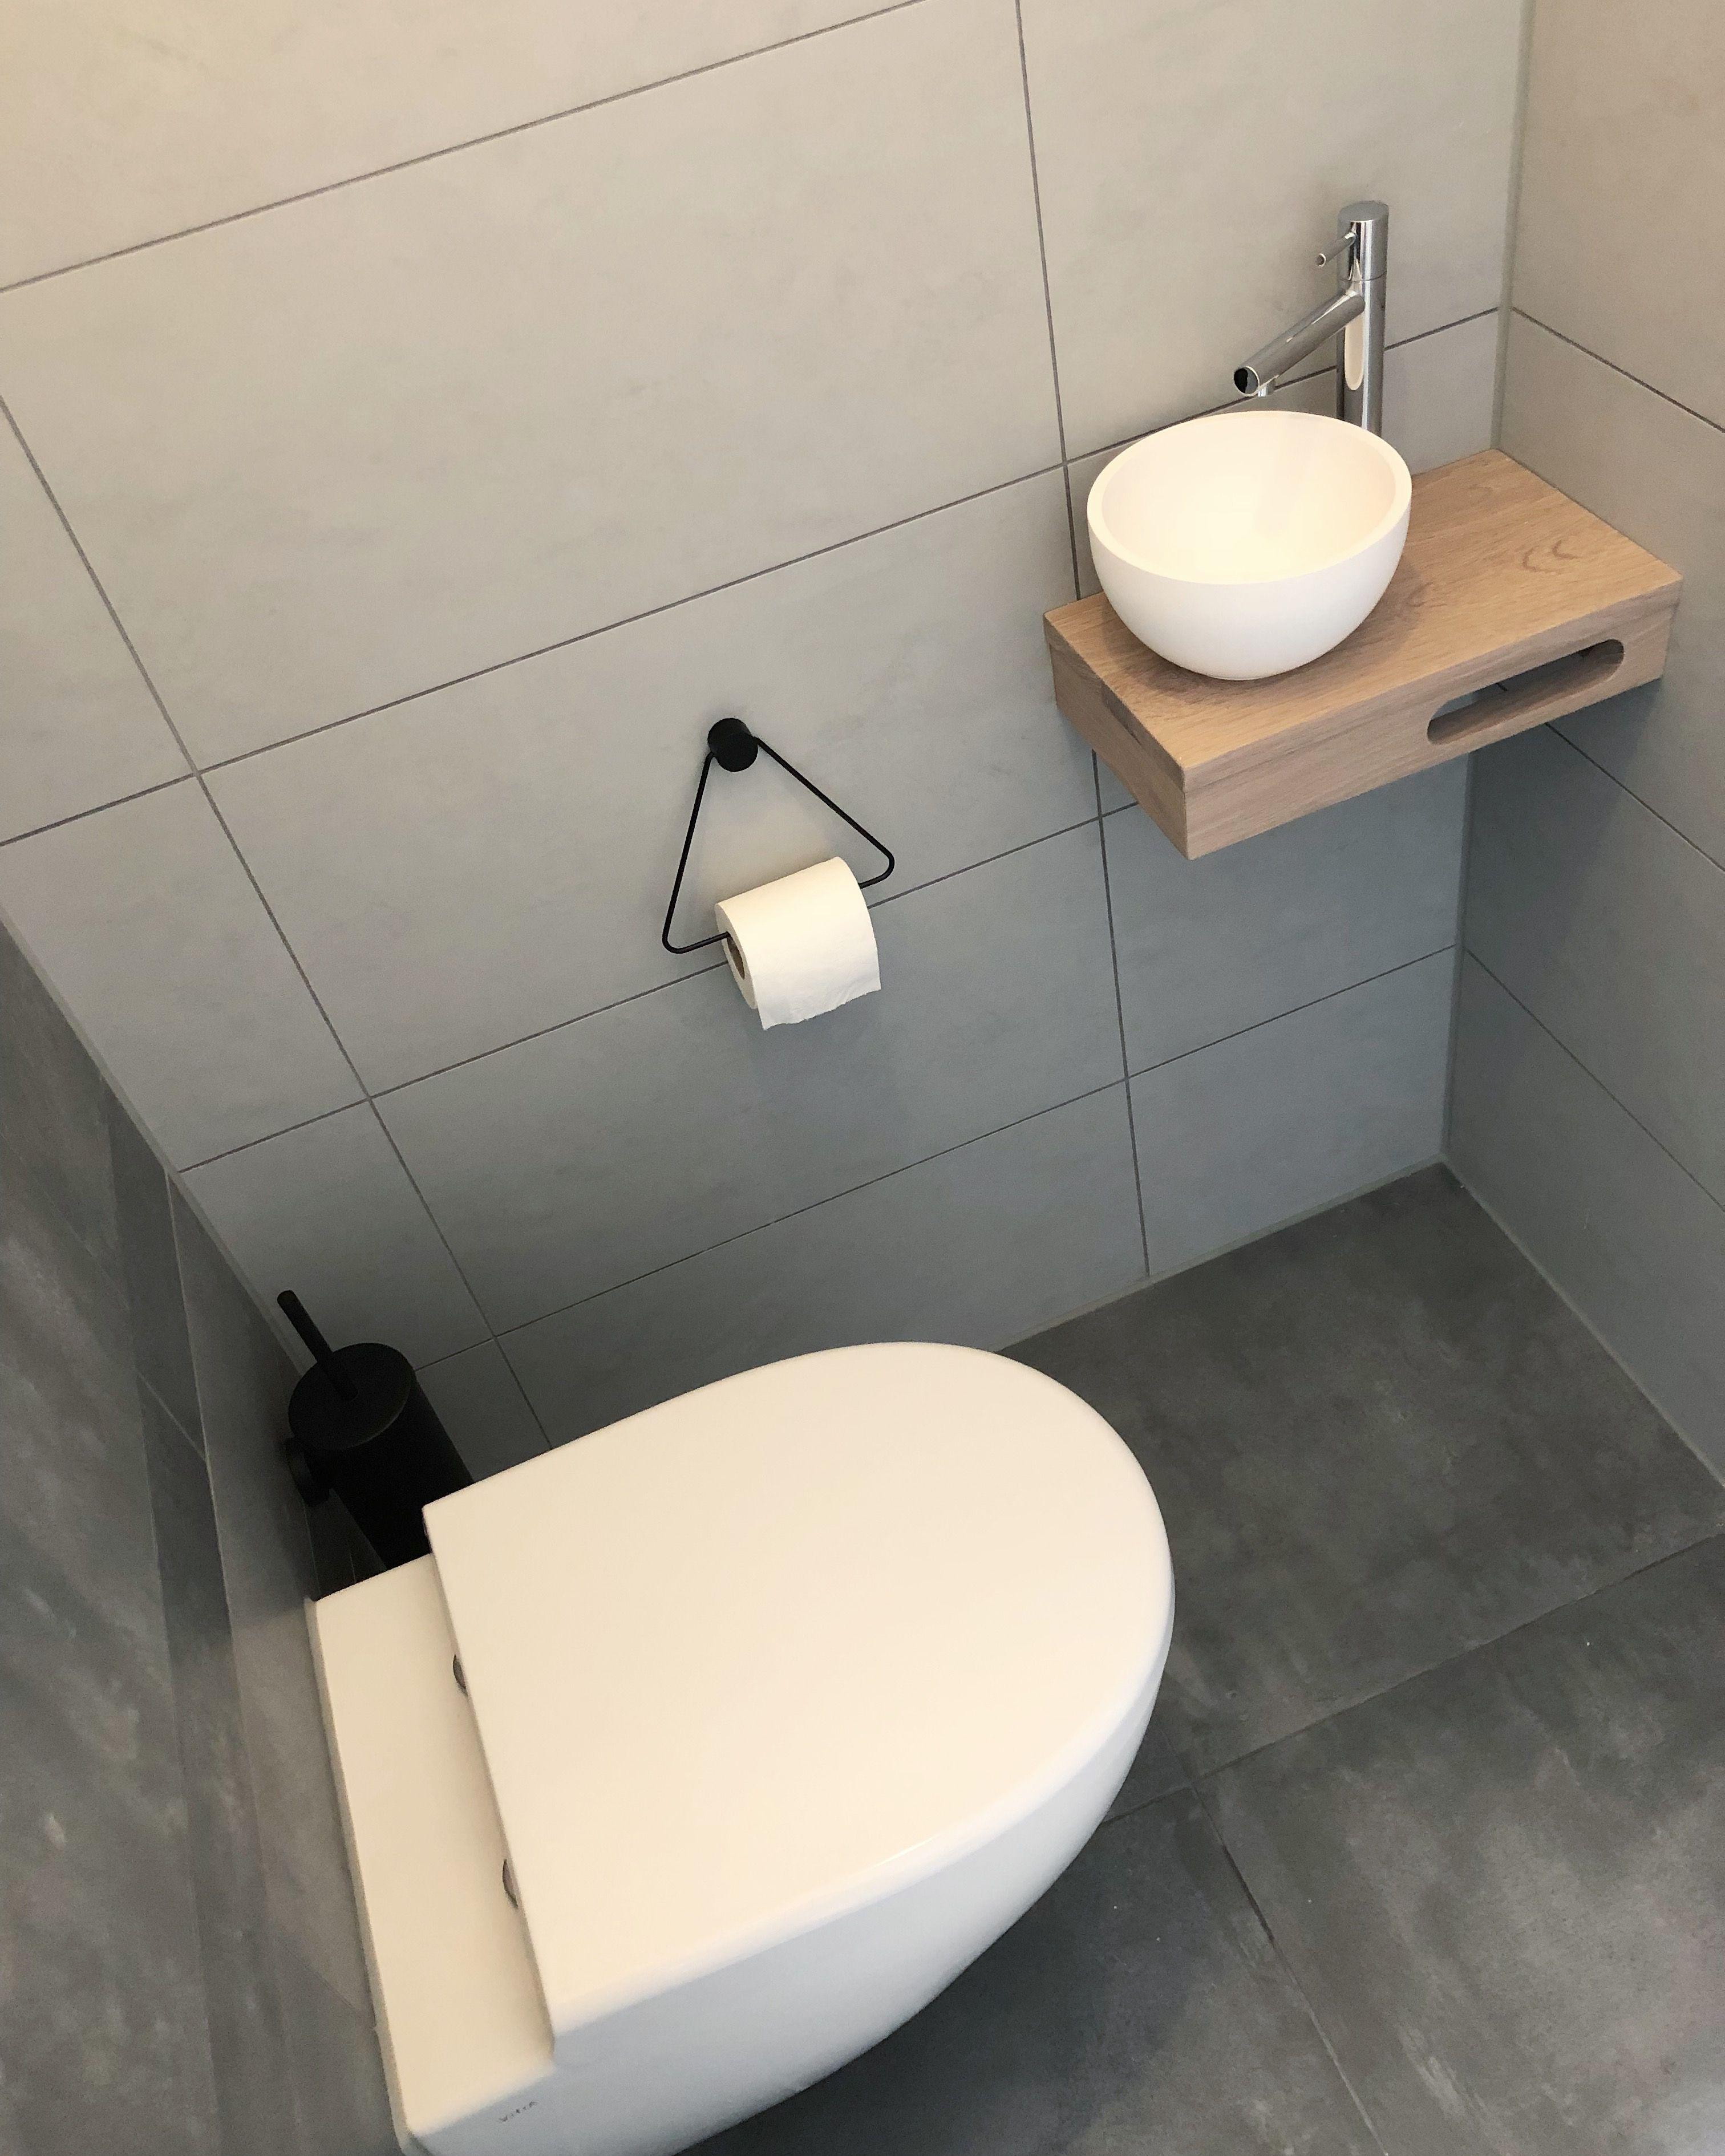 Toilet Wasbak Met Hout.Toilet Met Waskom Op Houten Plank In 2019 Badkamerideeen